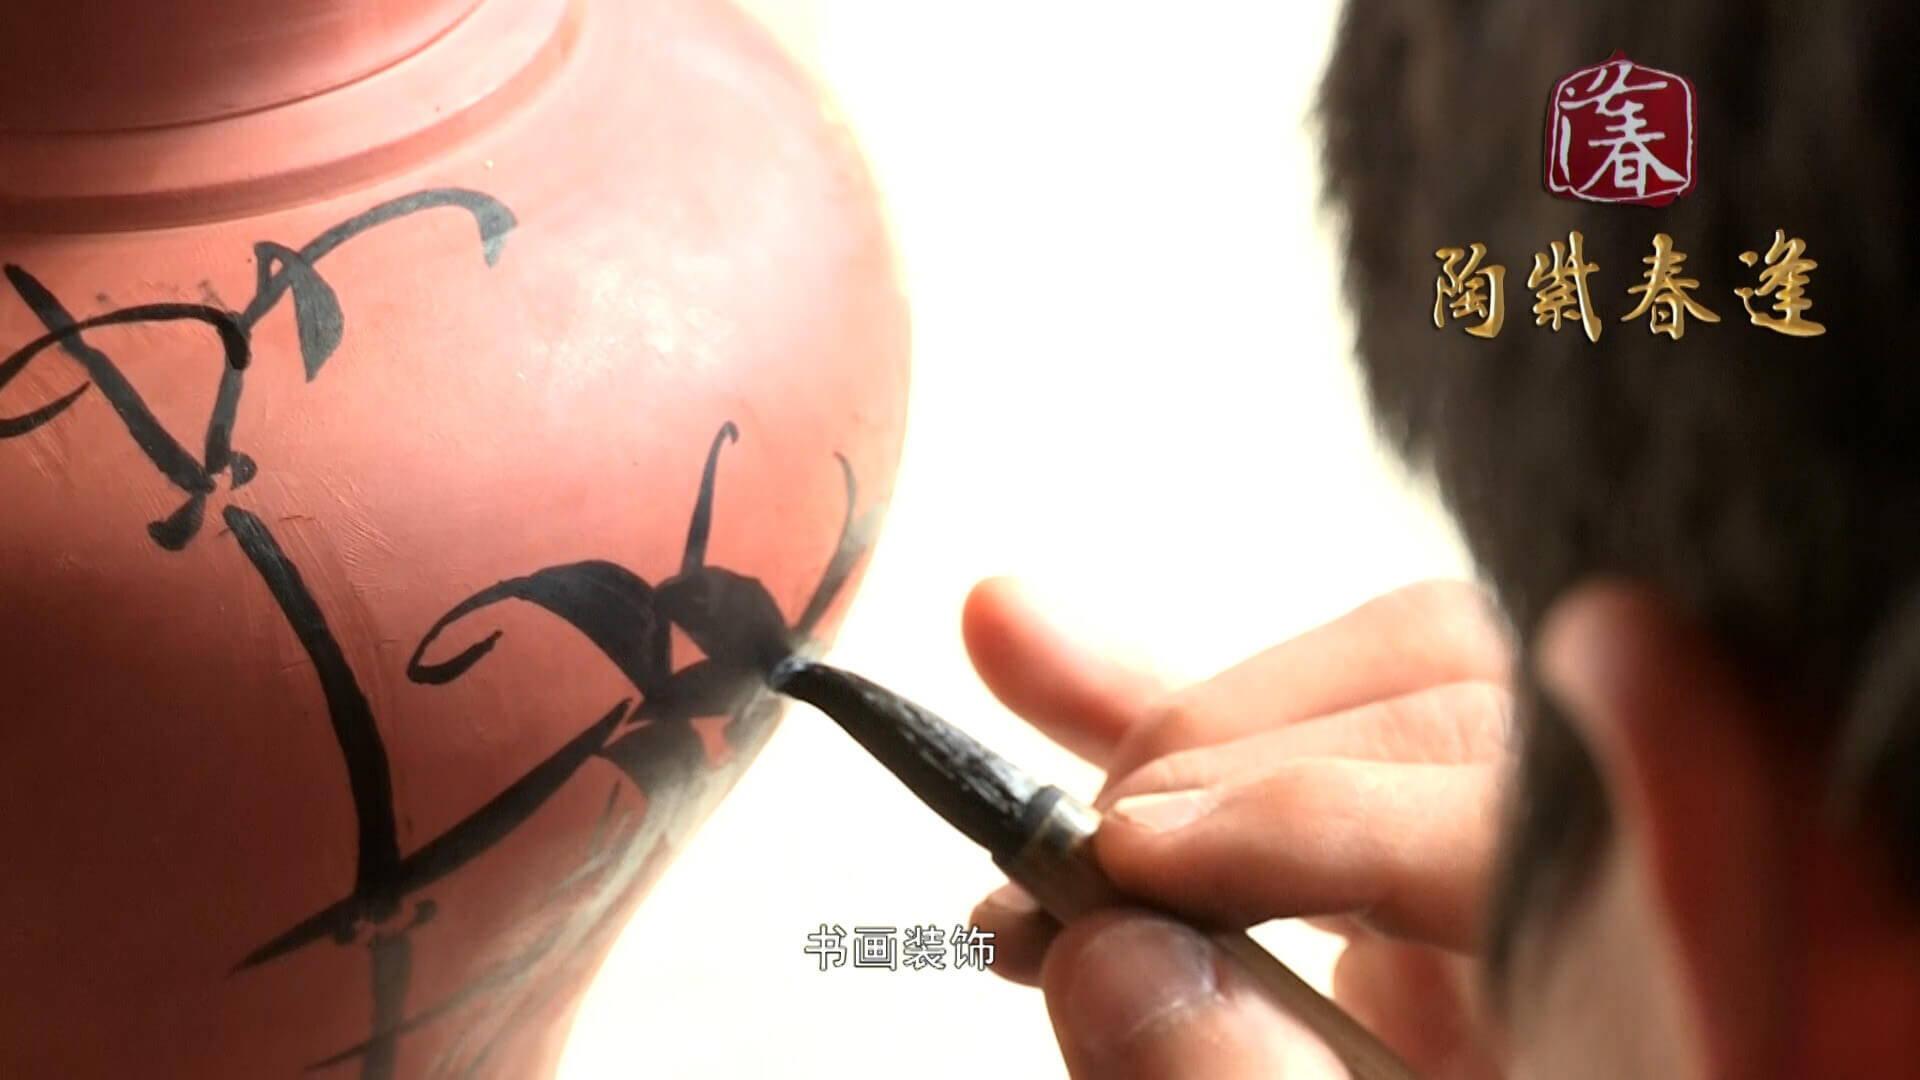 Creating Jian Shui Pottery - Paint Design